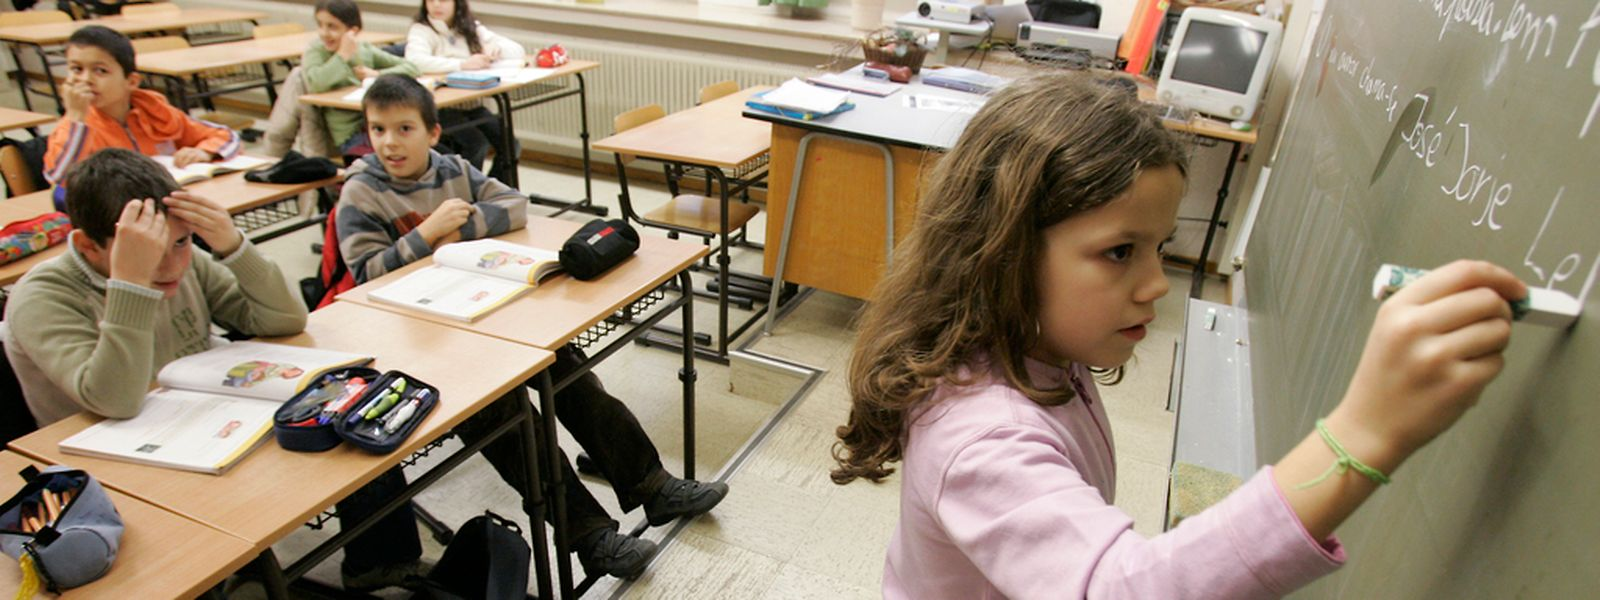 Esta segunda-feira, 46.870 alunos do ensino fundamental regressaram às aulas. A escola do Brill, em Esch, tem 800 alunos, e a maio ria são portugueses